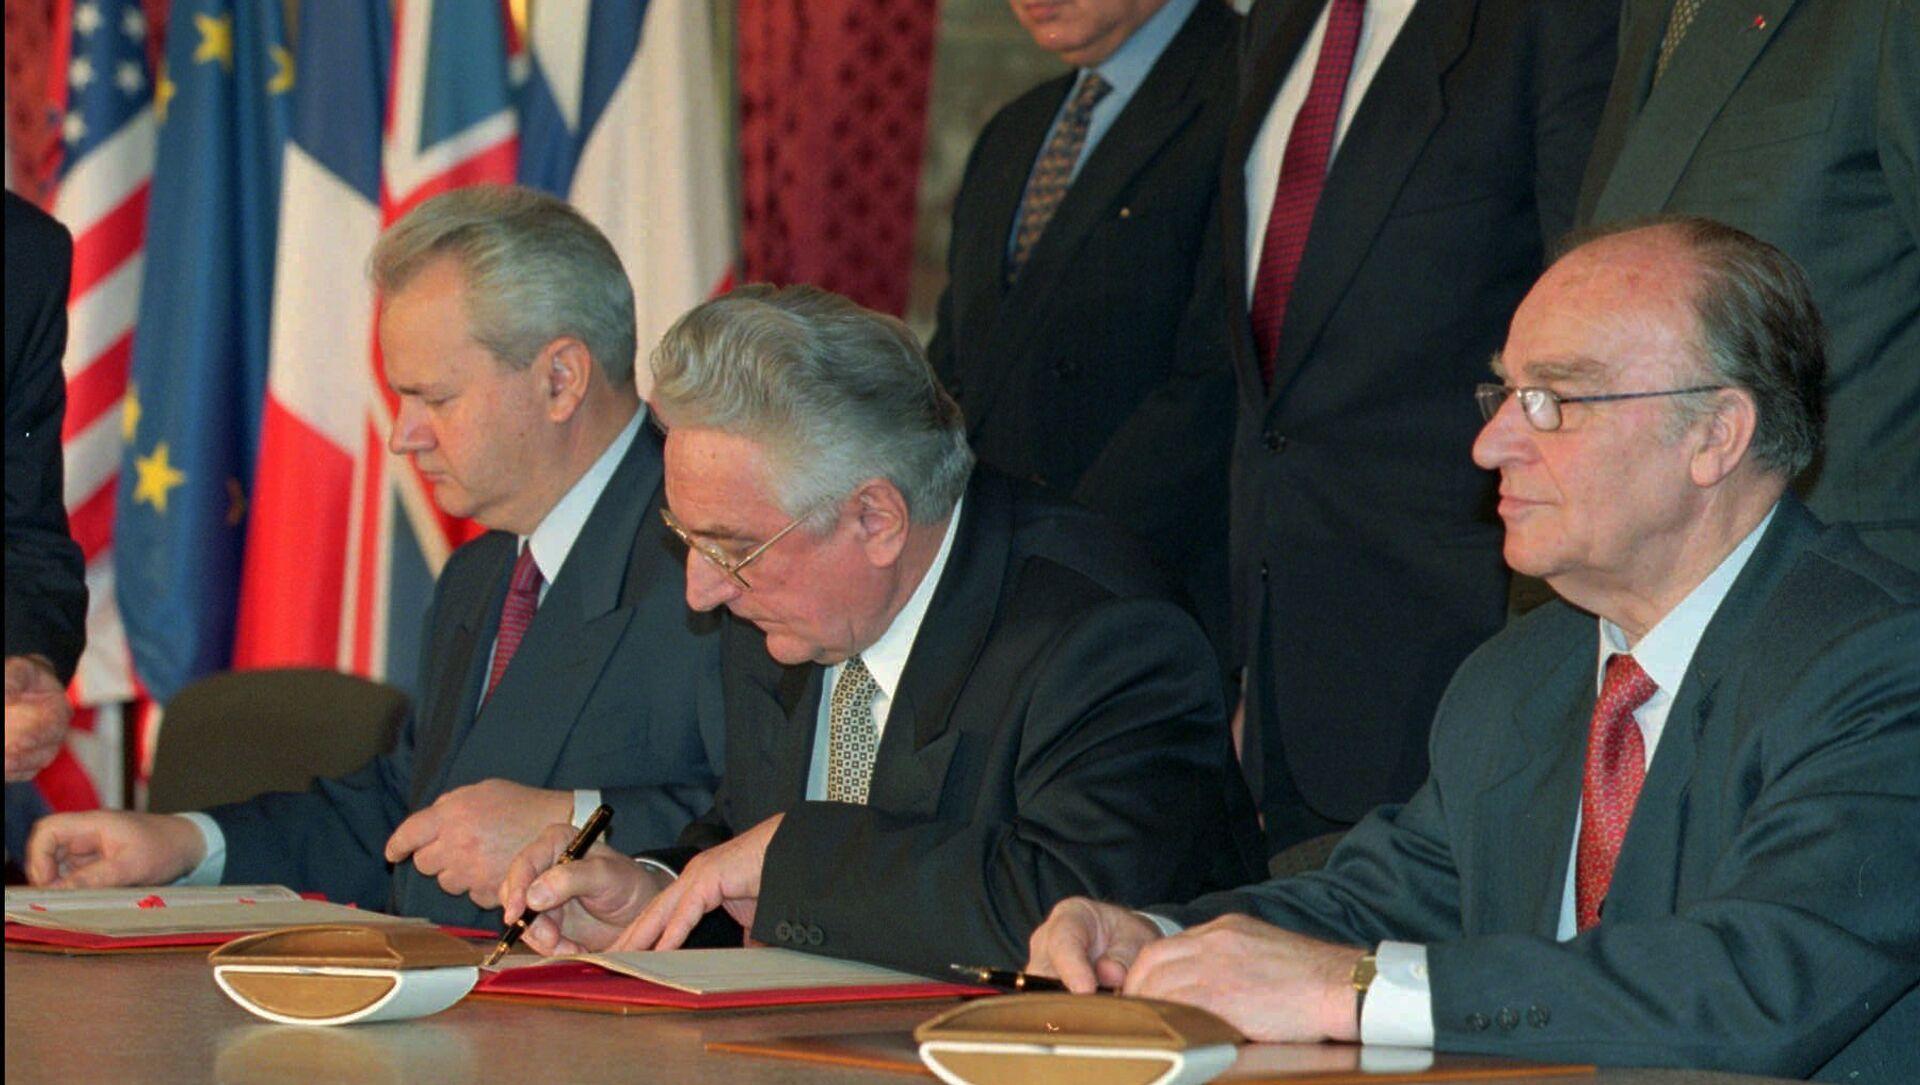 Потписивање Дејтонског споразума - Sputnik Србија, 1920, 07.05.2021